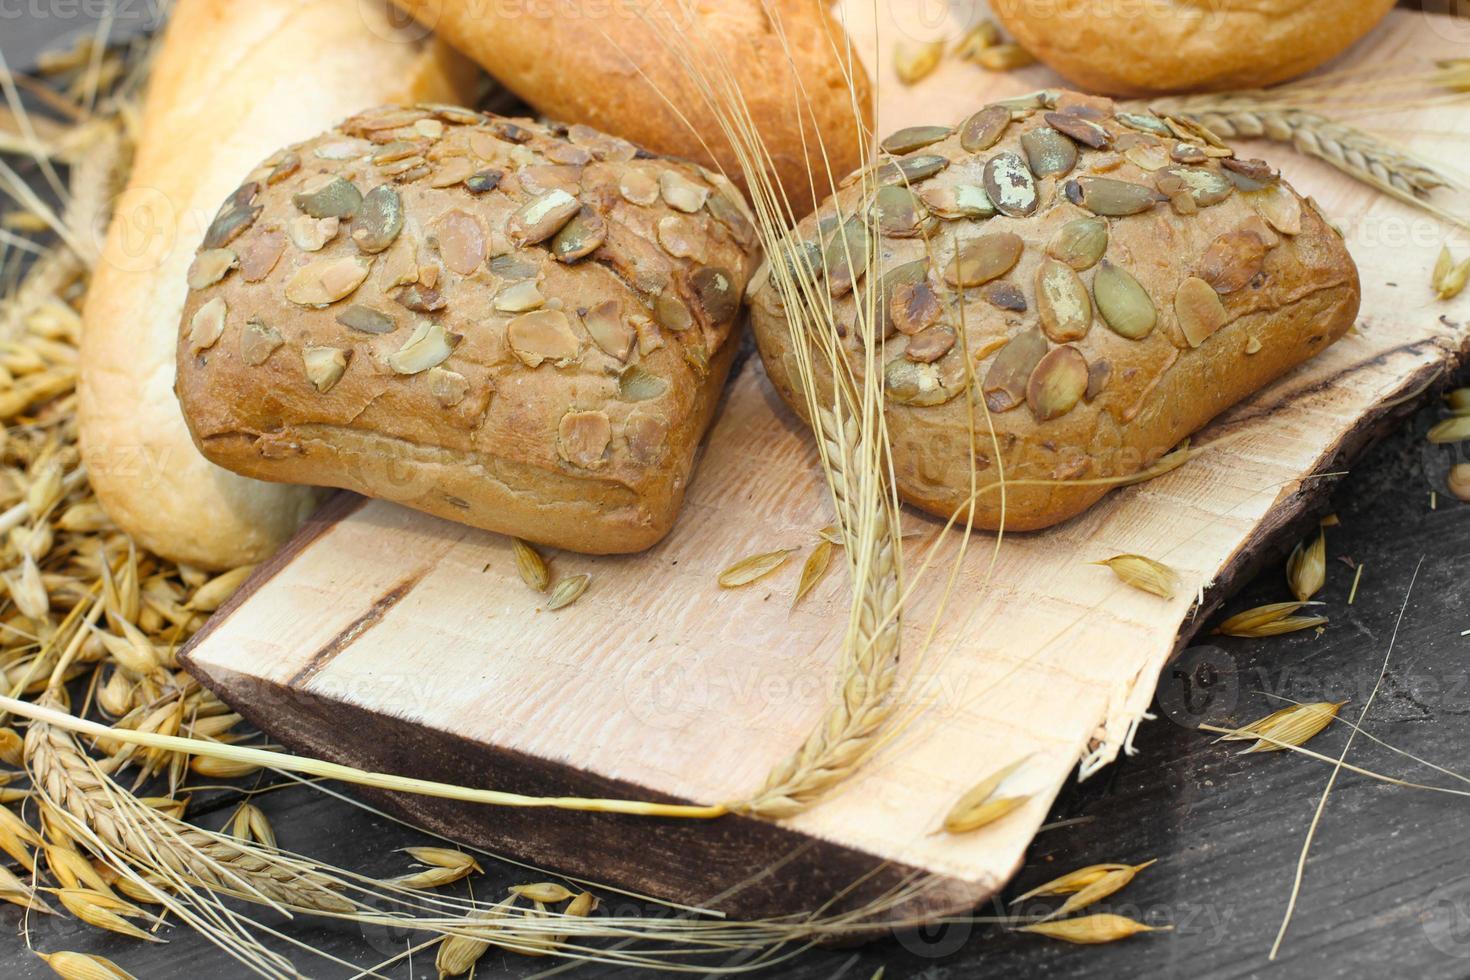 soorten brood op een houten tafel foto